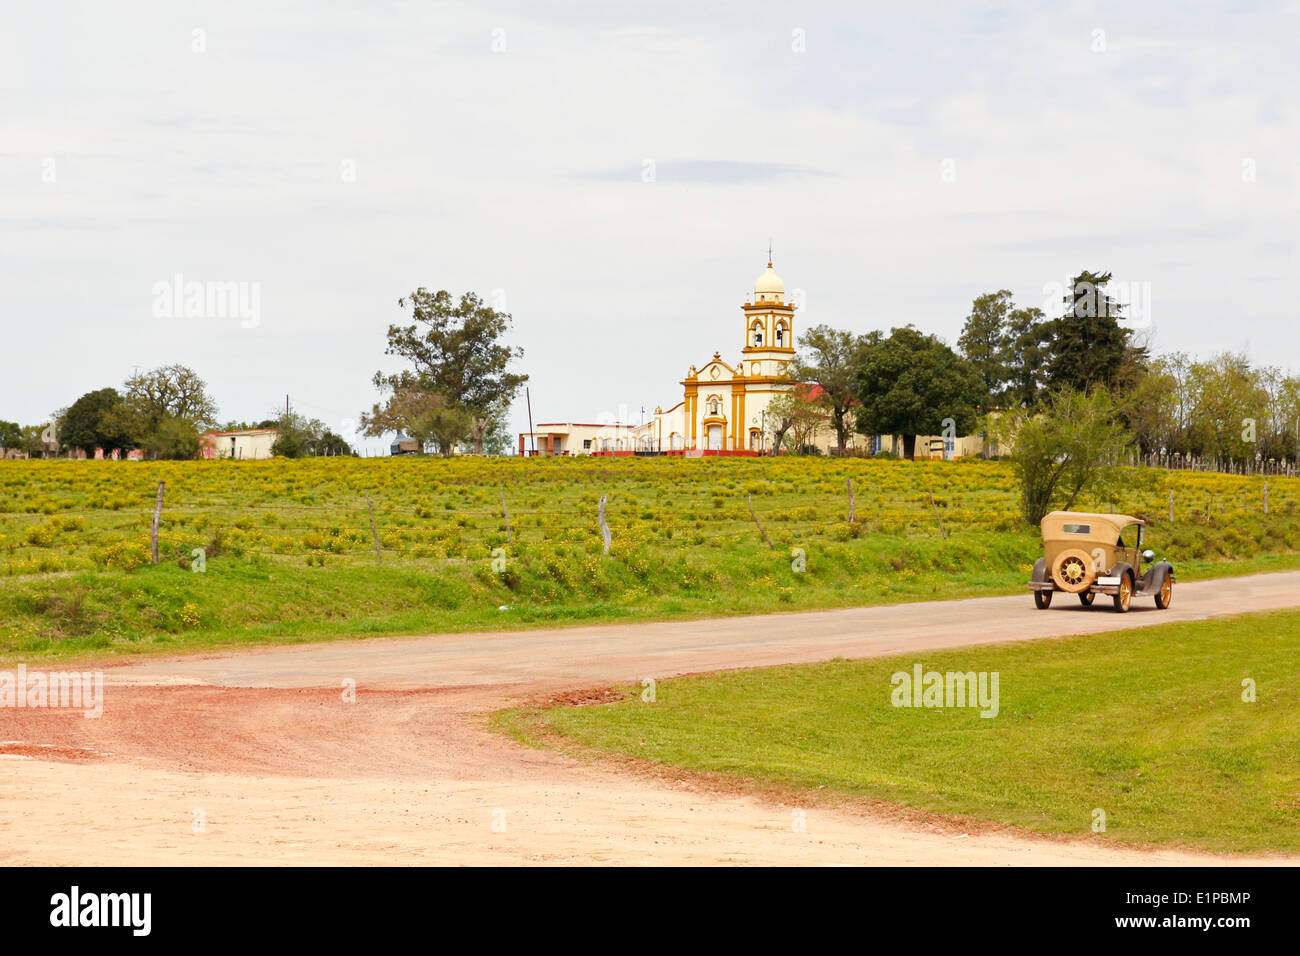 Le retour au passé. Une scène vintage en Uruguay Photo Stock